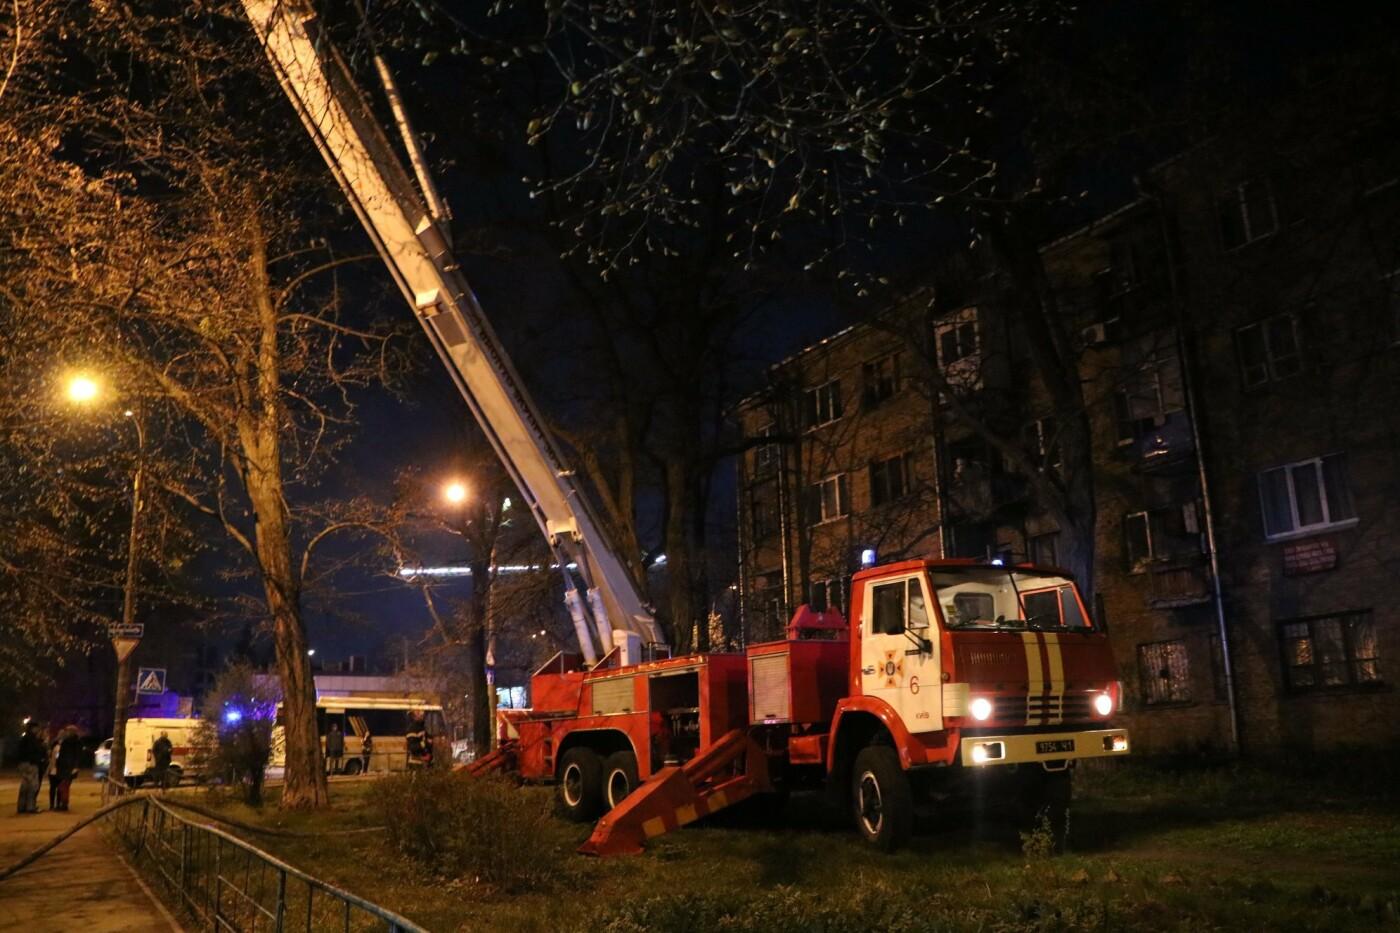 Ночью в Киеве горел жилой дом на улице Древлянской: жильцов пришлось эвакуировать, - ФОТО, фото-2, Фото: ГУДСНС в Киеве